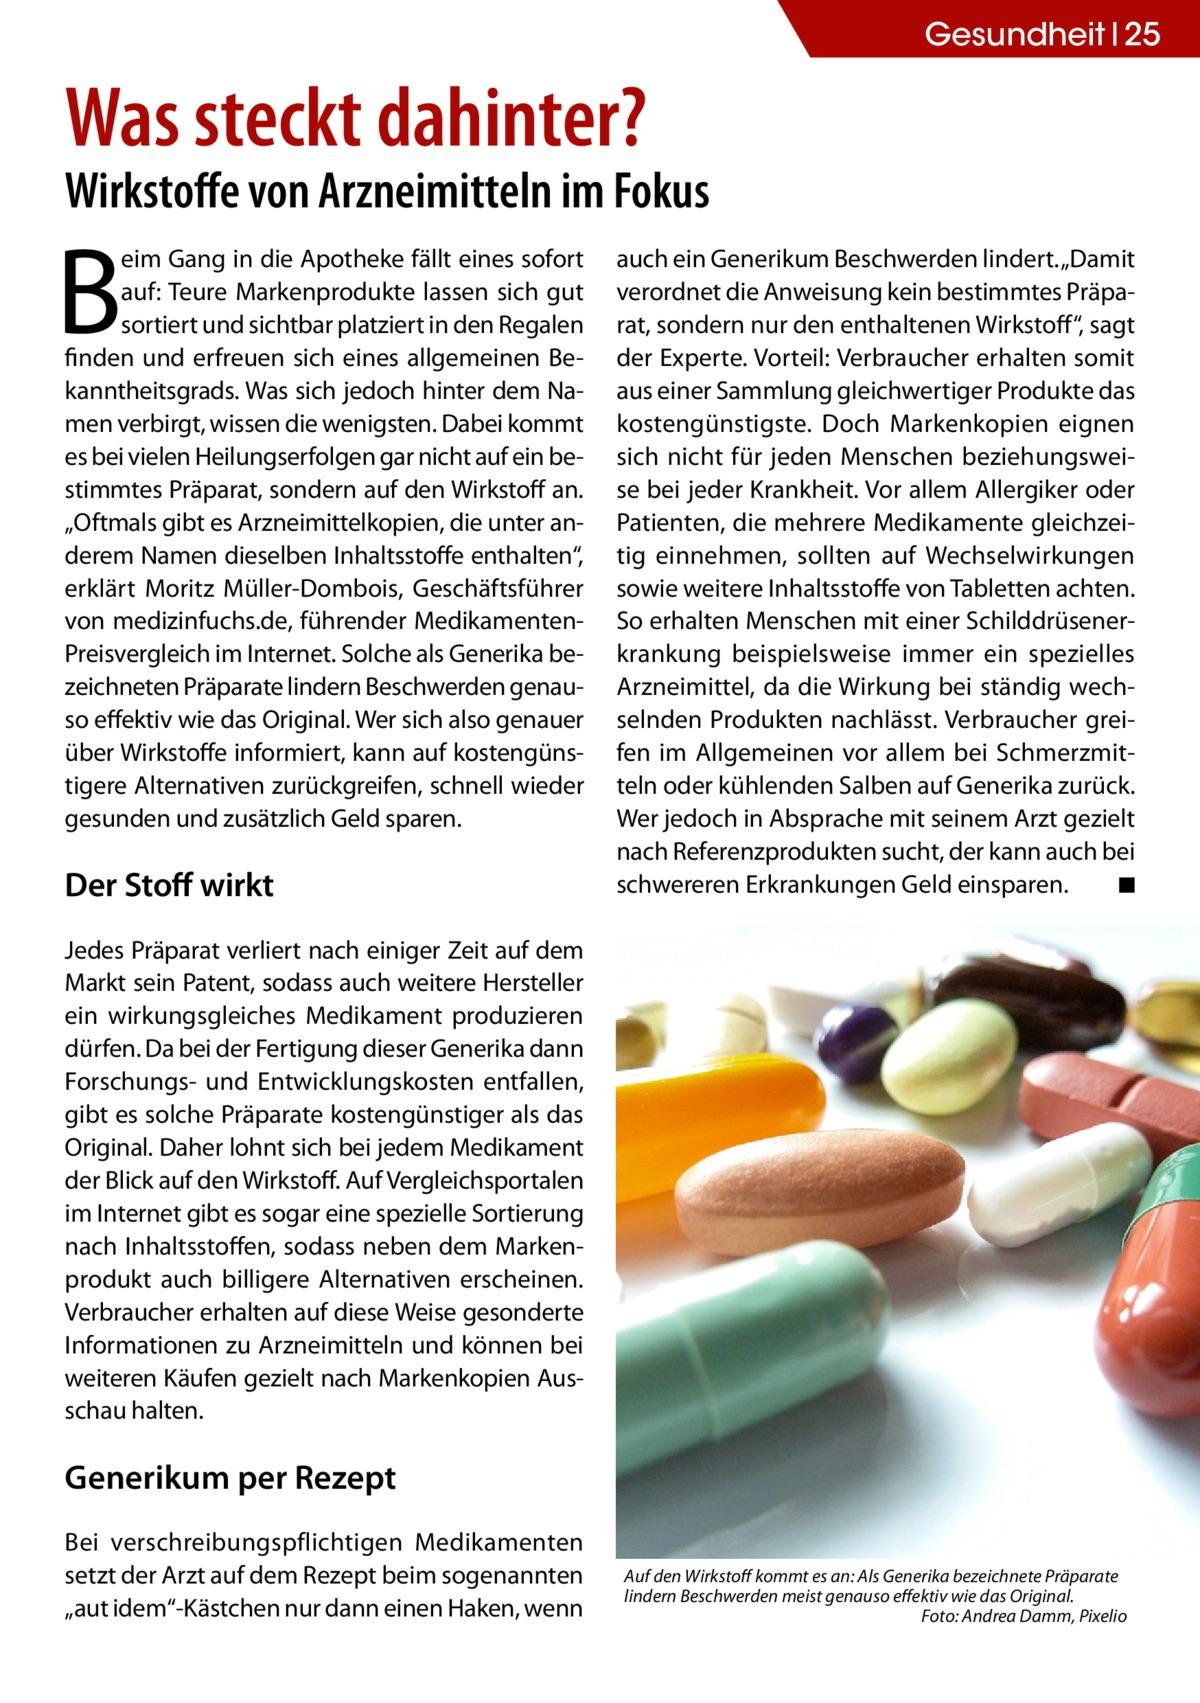 """Gesundheit 25  Was steckt dahinter?  Wirkstoffe von Arzneimitteln im Fokus  B  eim Gang in die Apotheke fällt eines sofort auf: Teure Markenprodukte lassen sich gut sortiert und sichtbar platziert in den Regalen finden und erfreuen sich eines allgemeinen Bekanntheitsgrads. Was sich jedoch hinter dem Namen verbirgt, wissen die wenigsten. Dabei kommt es bei vielen Heilungserfolgen gar nicht auf ein bestimmtes Präparat, sondern auf den Wirkstoff an. """"Oftmals gibt es Arzneimittelkopien, die unter anderem Namen dieselben Inhaltsstoffe enthalten"""", erklärt Moritz Müller-Dombois, Geschäftsführer von medizinfuchs.de, führender MedikamentenPreisvergleich im Internet. Solche als Generika bezeichneten Präparate lindern Beschwerden genauso effektiv wie das Original. Wer sich also genauer über Wirkstoffe informiert, kann auf kostengünstigere Alternativen zurückgreifen, schnell wieder gesunden und zusätzlich Geld sparen.  Der Stoff wirkt  auch ein Generikum Beschwerden lindert. """"Damit verordnet die Anweisung kein bestimmtes Präparat, sondern nur den enthaltenen Wirkstoff"""", sagt der Experte. Vorteil: Verbraucher erhalten somit aus einer Sammlung gleichwertiger Produkte das kostengünstigste. Doch Markenkopien eignen sich nicht für jeden Menschen beziehungsweise bei jeder Krankheit. Vor allem Allergiker oder Patienten, die mehrere Medikamente gleichzeitig einnehmen, sollten auf Wechselwirkungen sowie weitere Inhaltsstoffe von Tabletten achten. So erhalten Menschen mit einer Schilddrüsenerkrankung beispielsweise immer ein spezielles Arzneimittel, da die Wirkung bei ständig wechselnden Produkten nachlässt. Verbraucher greifen im Allgemeinen vor allem bei Schmerzmitteln oder kühlenden Salben auf Generika zurück. Wer jedoch in Absprache mit seinem Arzt gezielt nach Referenzprodukten sucht, der kann auch bei schwereren Erkrankungen Geld einsparen. � ◾  Jedes Präparat verliert nach einiger Zeit auf dem Markt sein Patent, sodass auch weitere Hersteller ein wirkungsgleiches Medikament produz"""